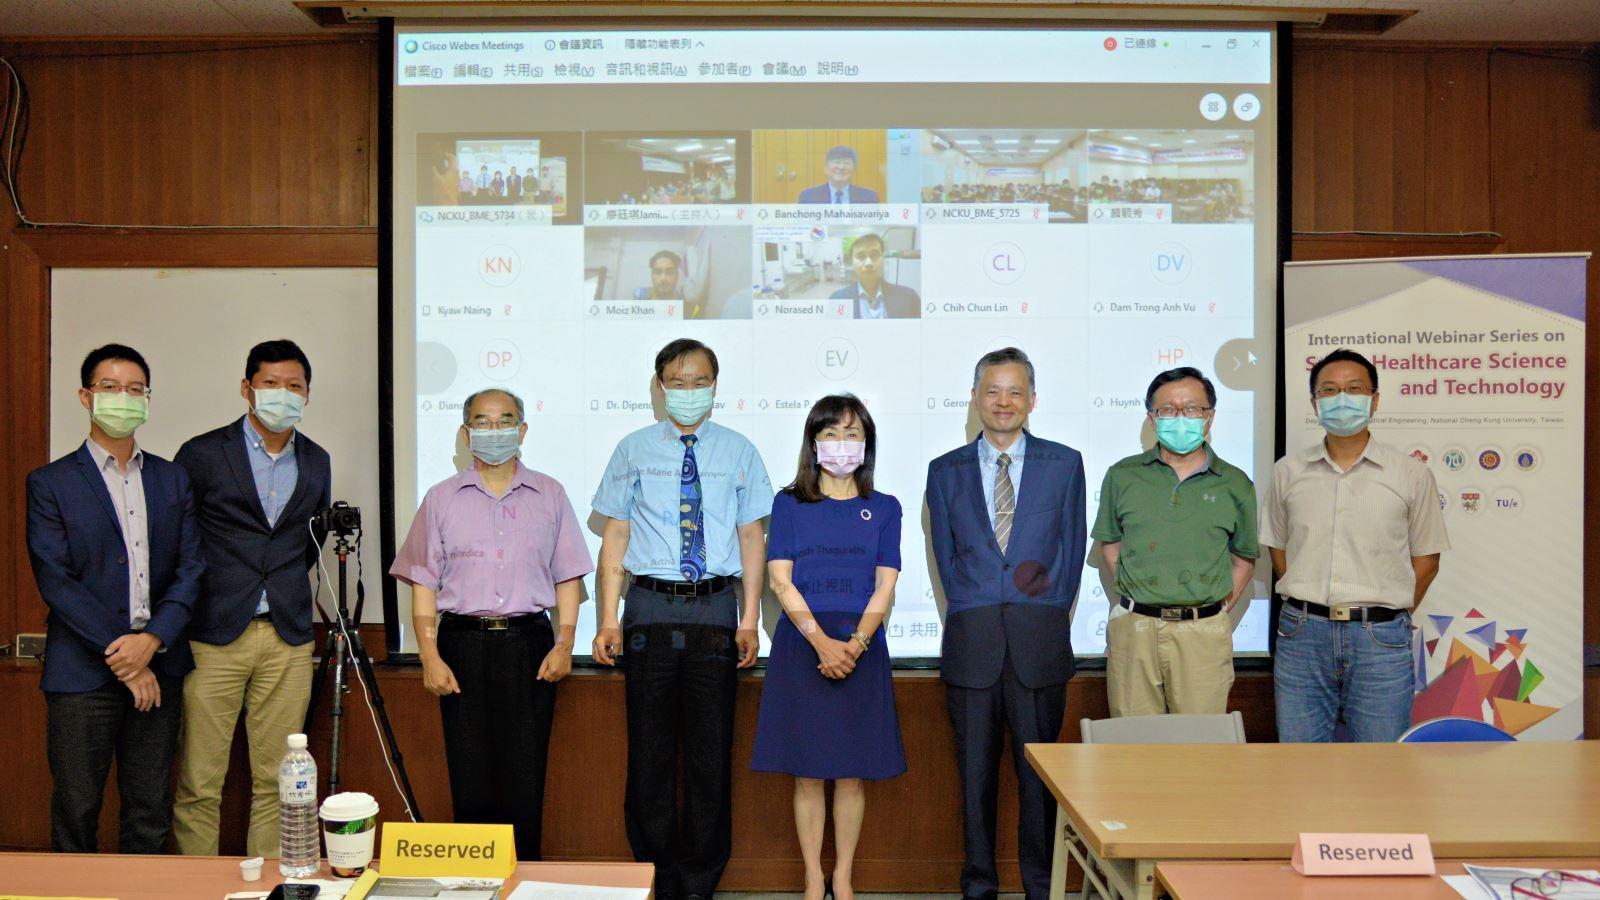 圖7 : 智慧醫療國際視訊會議開幕合照